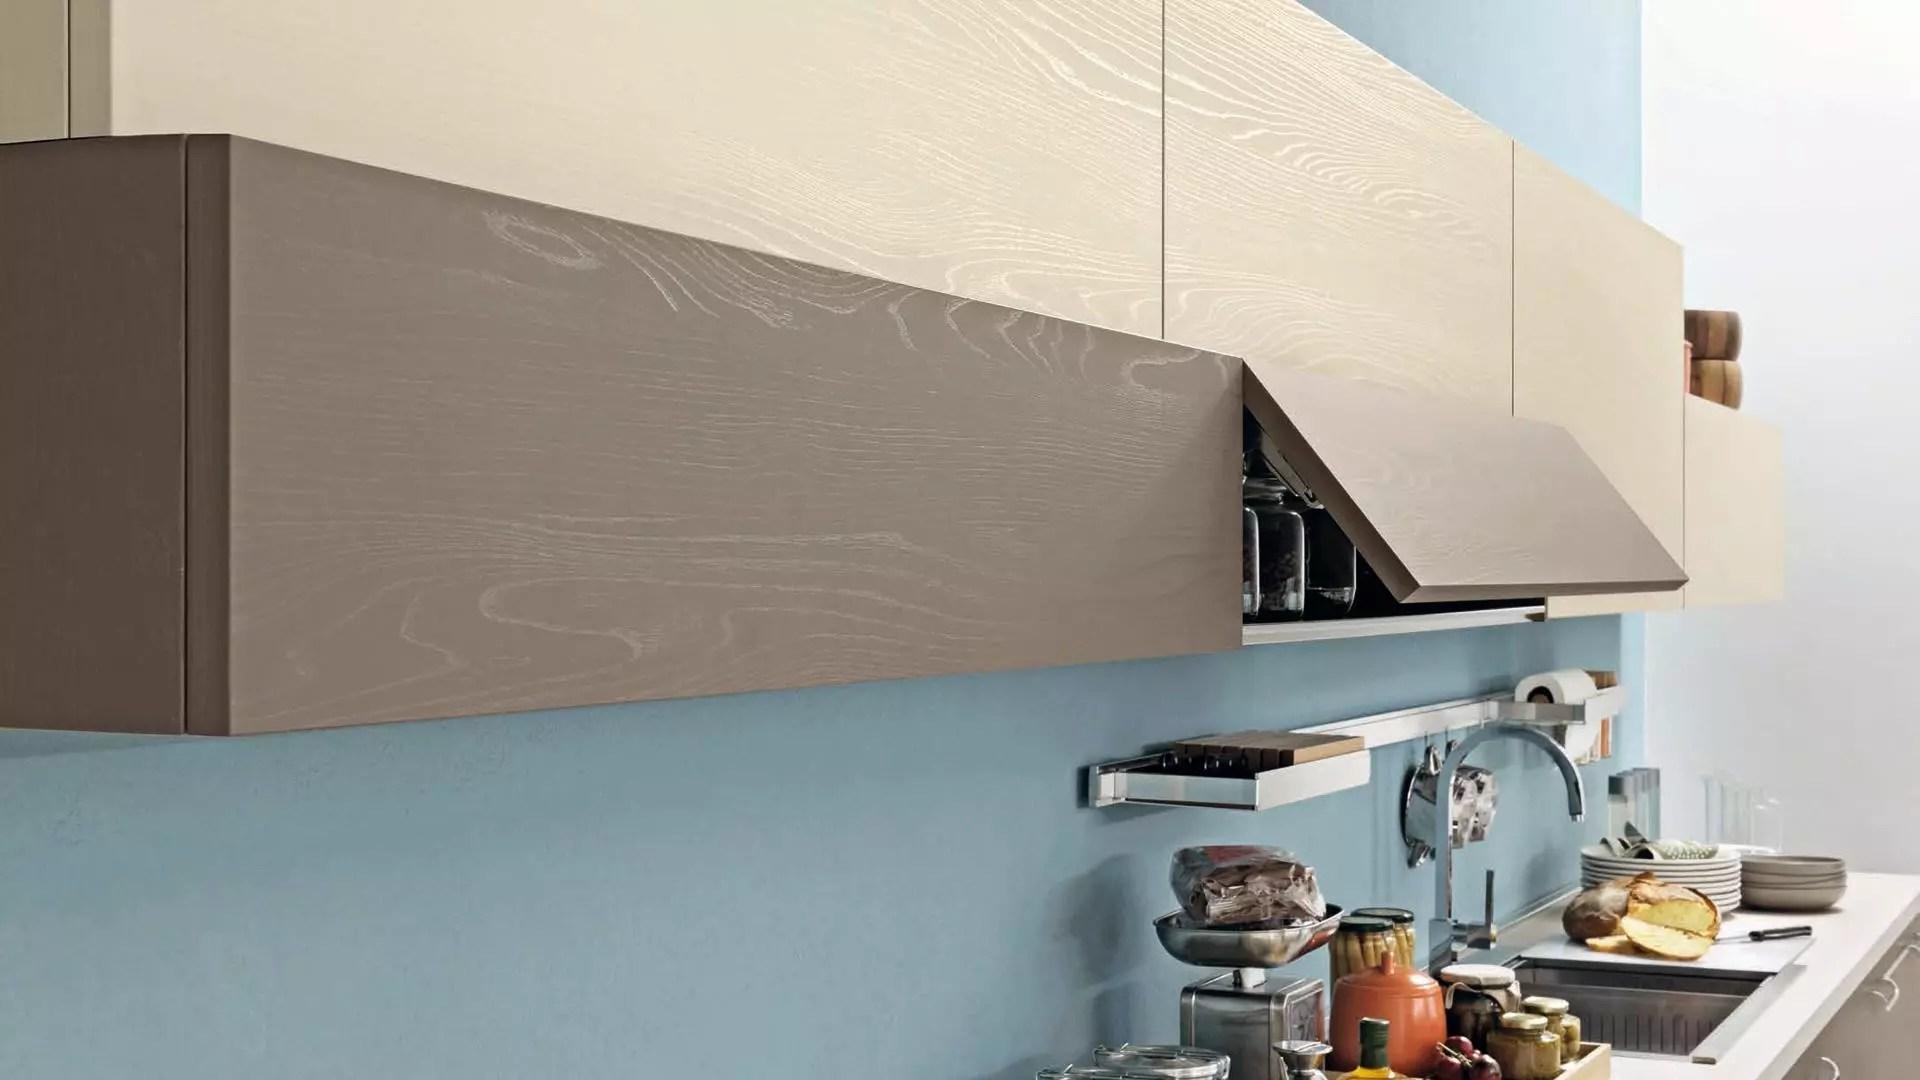 I consigli per scegliere i pensili per la cucina senza sbagliare  Lube Store Milano  Le Cucine